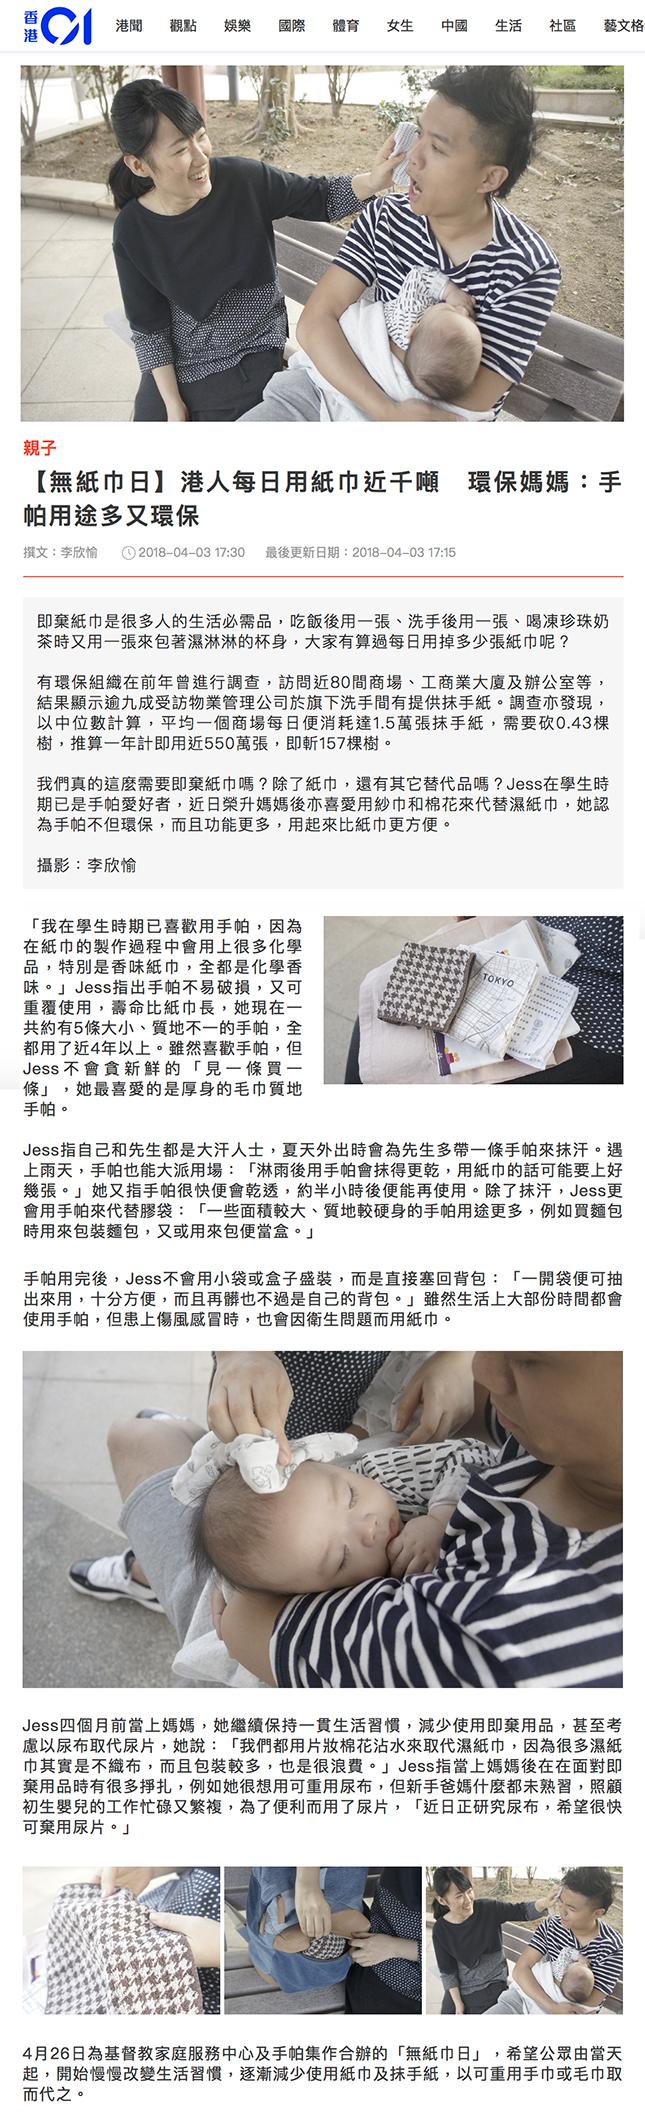 【無紙巾日】港人每日用紙巾近千噸  環保媽媽:手帕用途多又環保